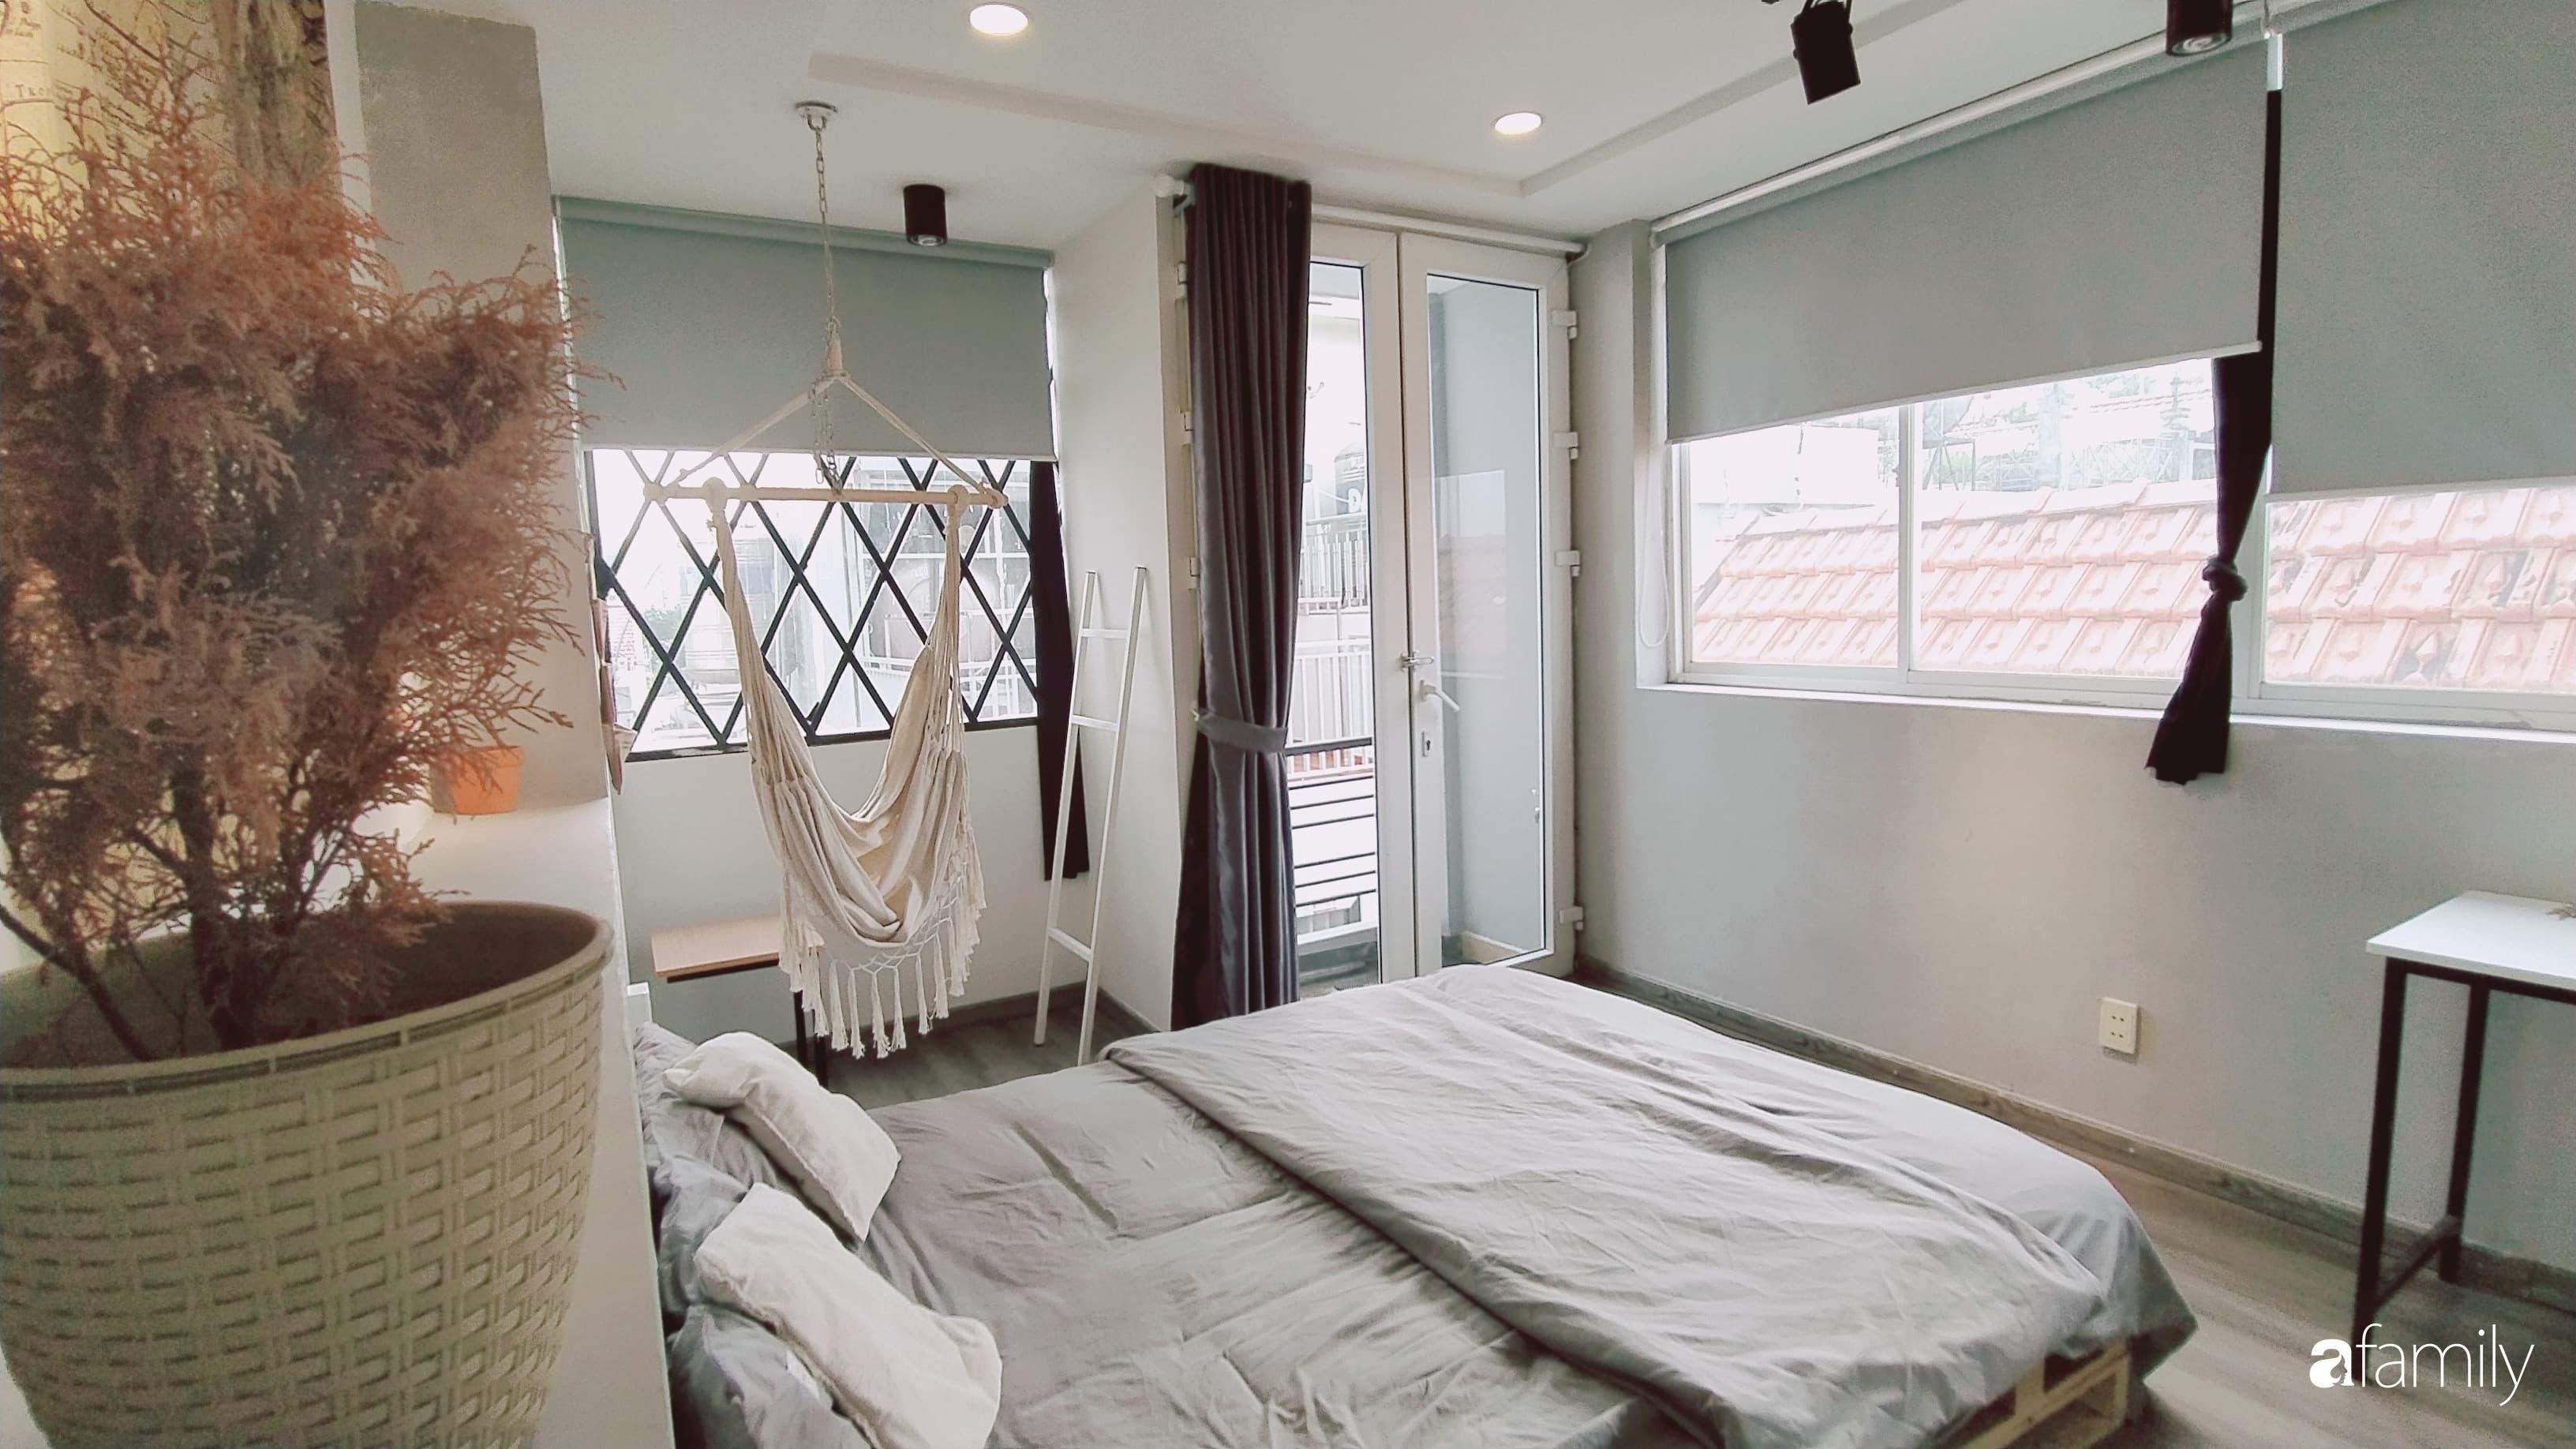 Chi 20 triệu đồng, sân thượng tầng 4 trở thành không gian sống tiện ích, nhiều ánh sáng tự nhiên ở quận 1, Sài Gòn - Ảnh 16.